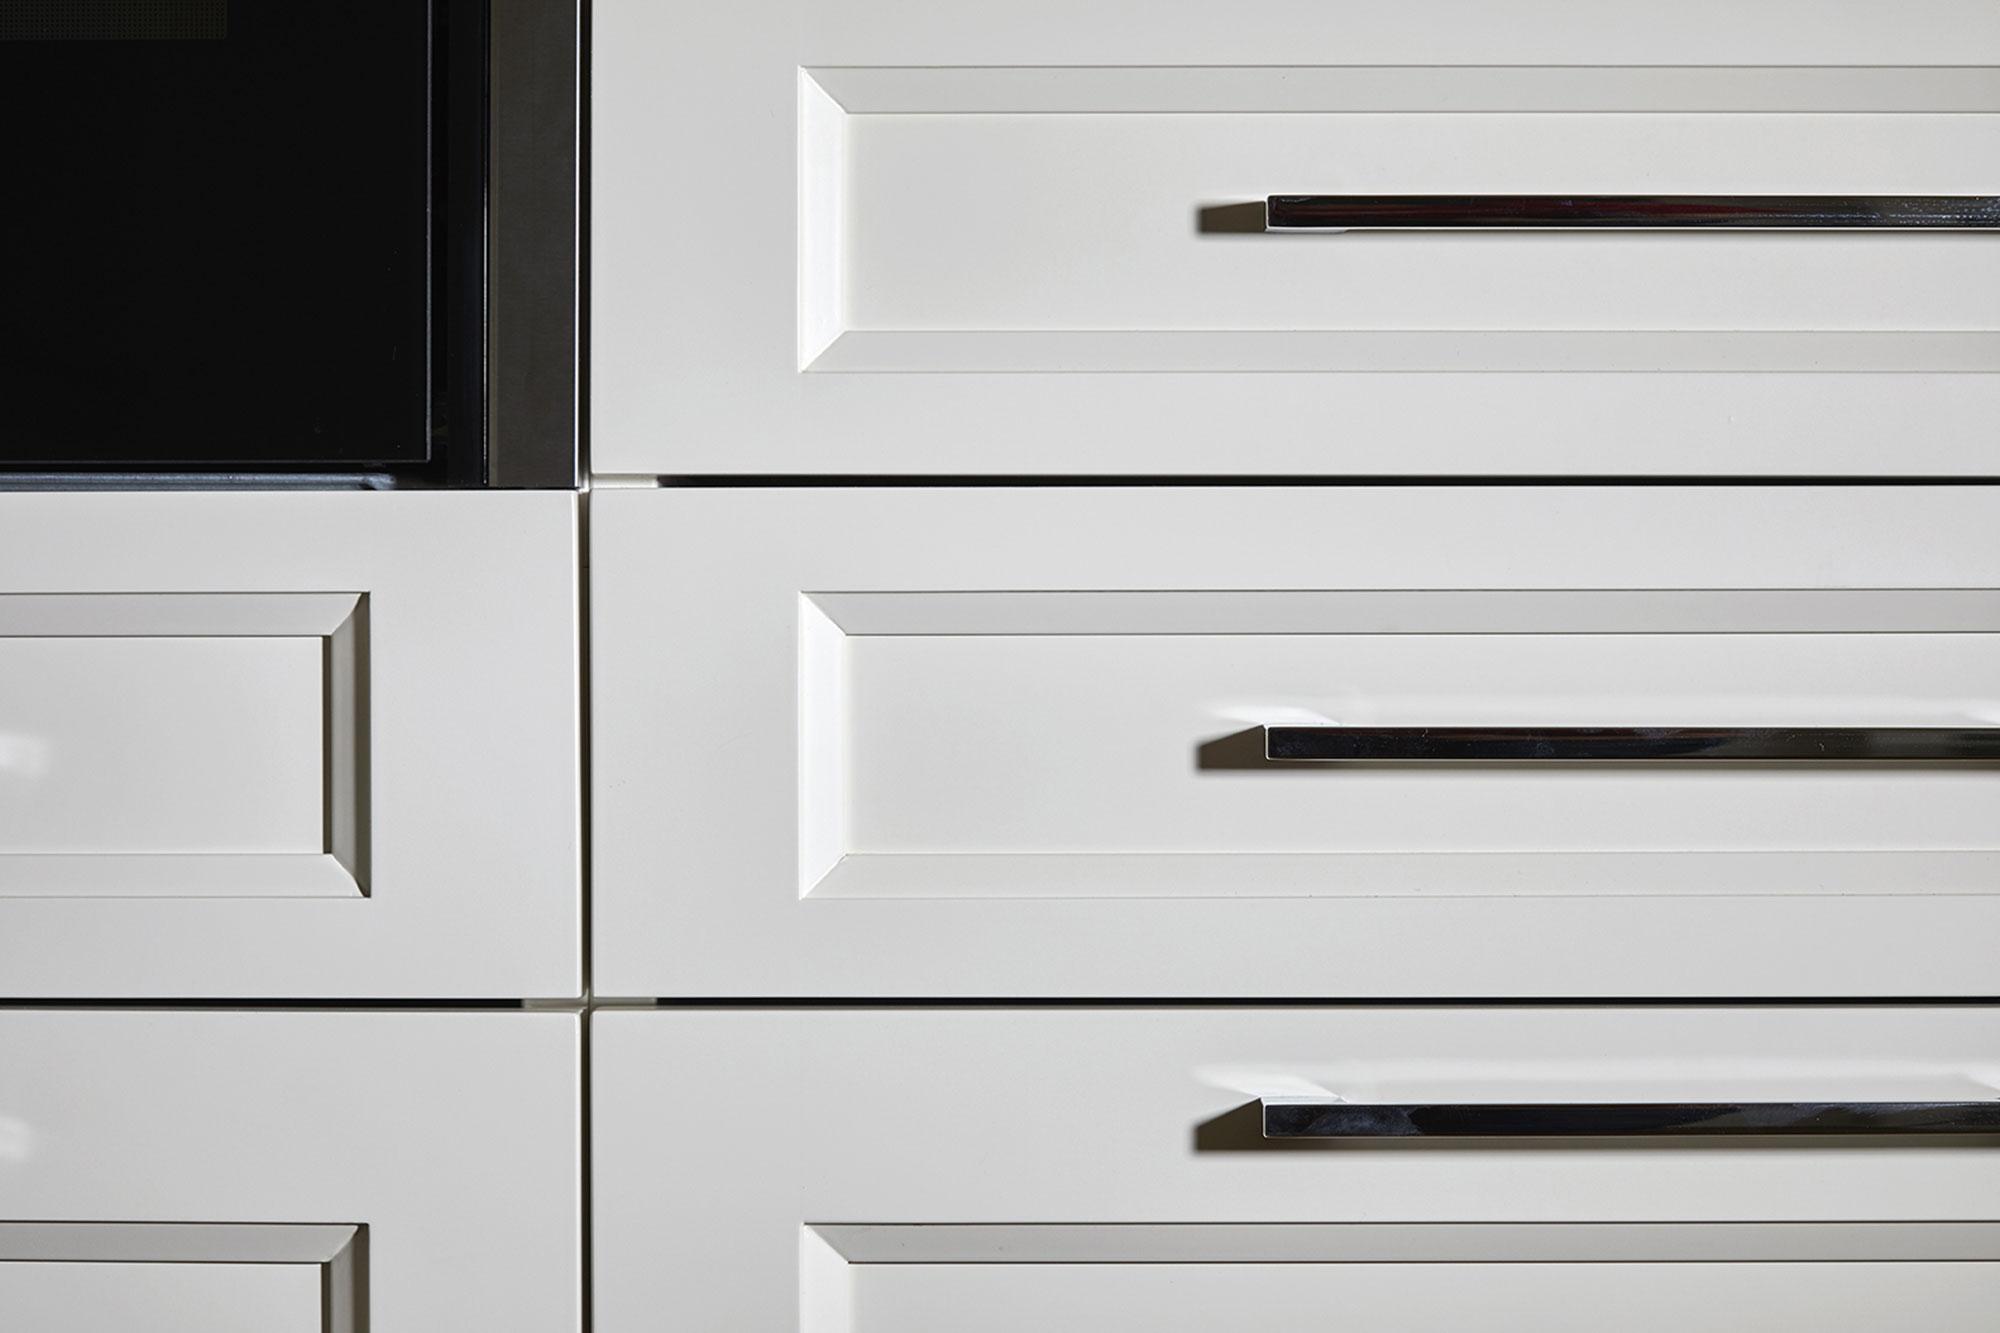 Tischlerei Stöckl Ebbs Inneneinrichtung Ferienhaus Möbel Esszimmer Küche Detailaufnahme